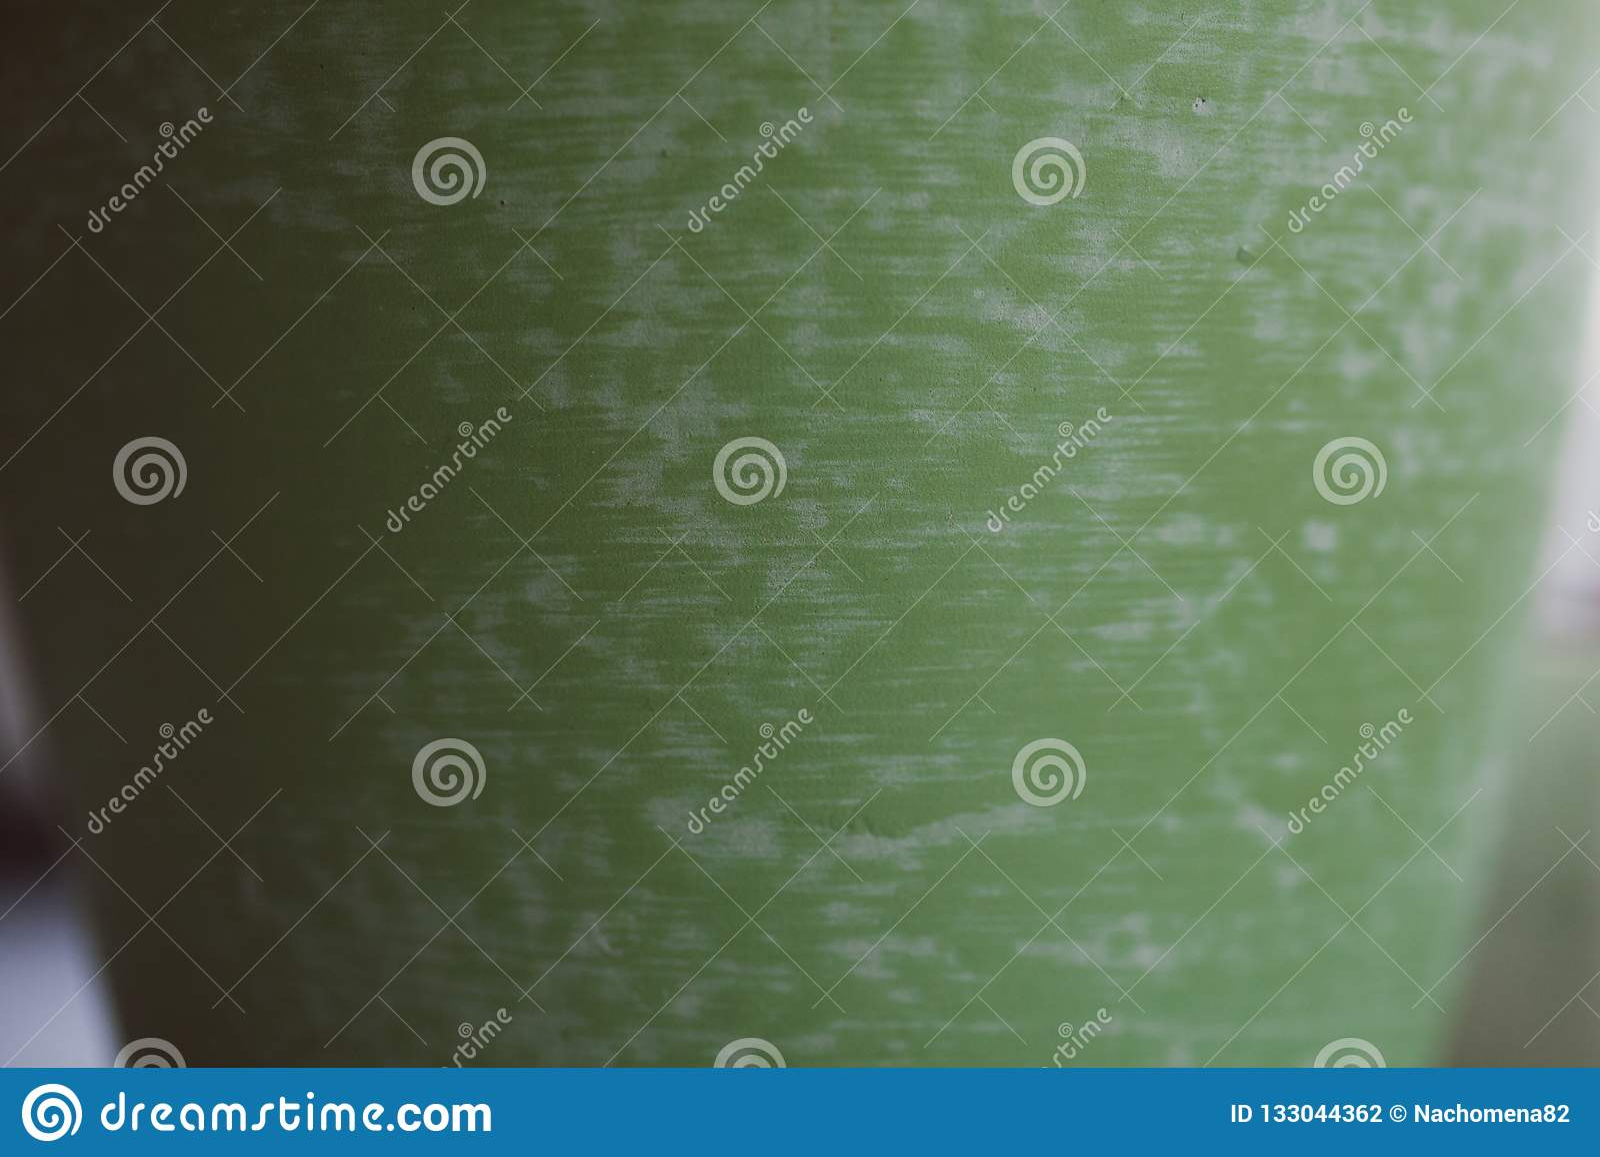 Texture verte de la poterie faite main Vue haute étroite de la surface en céramique verte